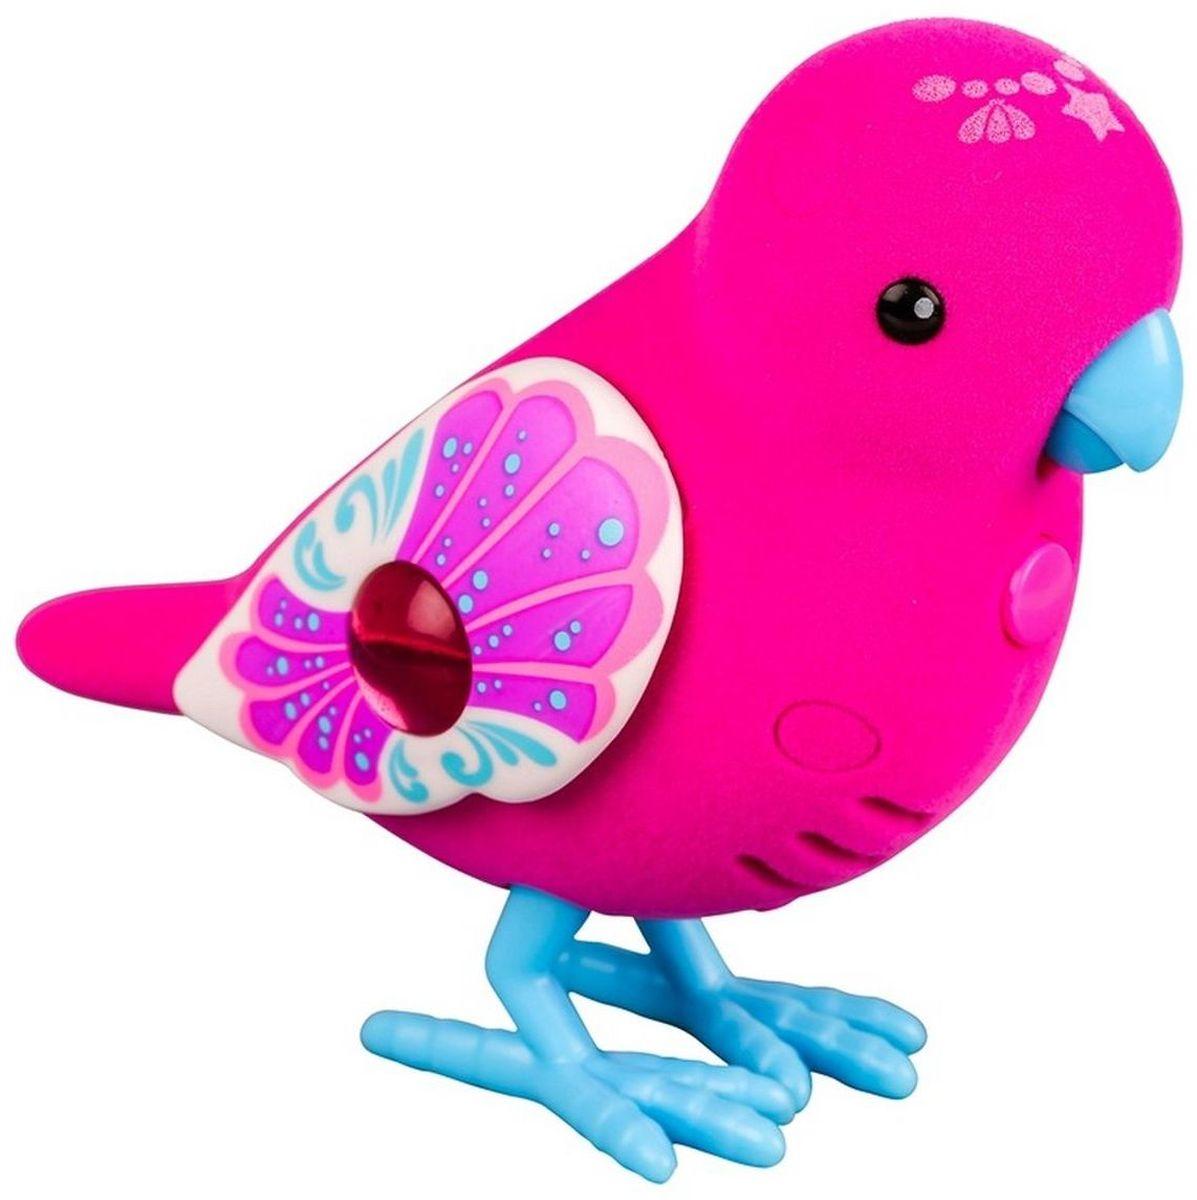 Little Live Pets Интерактивная игрушка Птичка цвет красный голубой28238/ast28232(28234,28235,28236,28237,28238,28239)Интерактивная птичка Little Live Pets порадует вас ярким видом и звонким пением. На брюшке птички находится переключатель включения-выключения. На спинке - сенсорный датчик. Если птичку погладить по голове, она споет для вас. В ее репертуаре 30 мелодий. В одиночестве она щебечет и тихо поет, чтобы на нее обратили внимание. Через полчаса в одиночестве птичка засыпает, чтобы разбудить ее, нужно нажать на кнопку на ее груди. Если эту кнопку удерживать, птичка повторит за вами произнесенную фразу. У птички двигаются лапки, и она взмахивает своими крылышками. Это замечательный подарок для тех, кто по каким-то причинам не может завезти в доме настоящую птичку. Игрушка изготовлена из высококачественного пластика, обтянутого приятным на ощупь флоком. Ребенок с радостью будет брать с собой на прогулку своего питомца, ведь он помещается в маленькой ладони малыша. Для работы требуются 2 батарейки типа AАА (не входят в комплект).